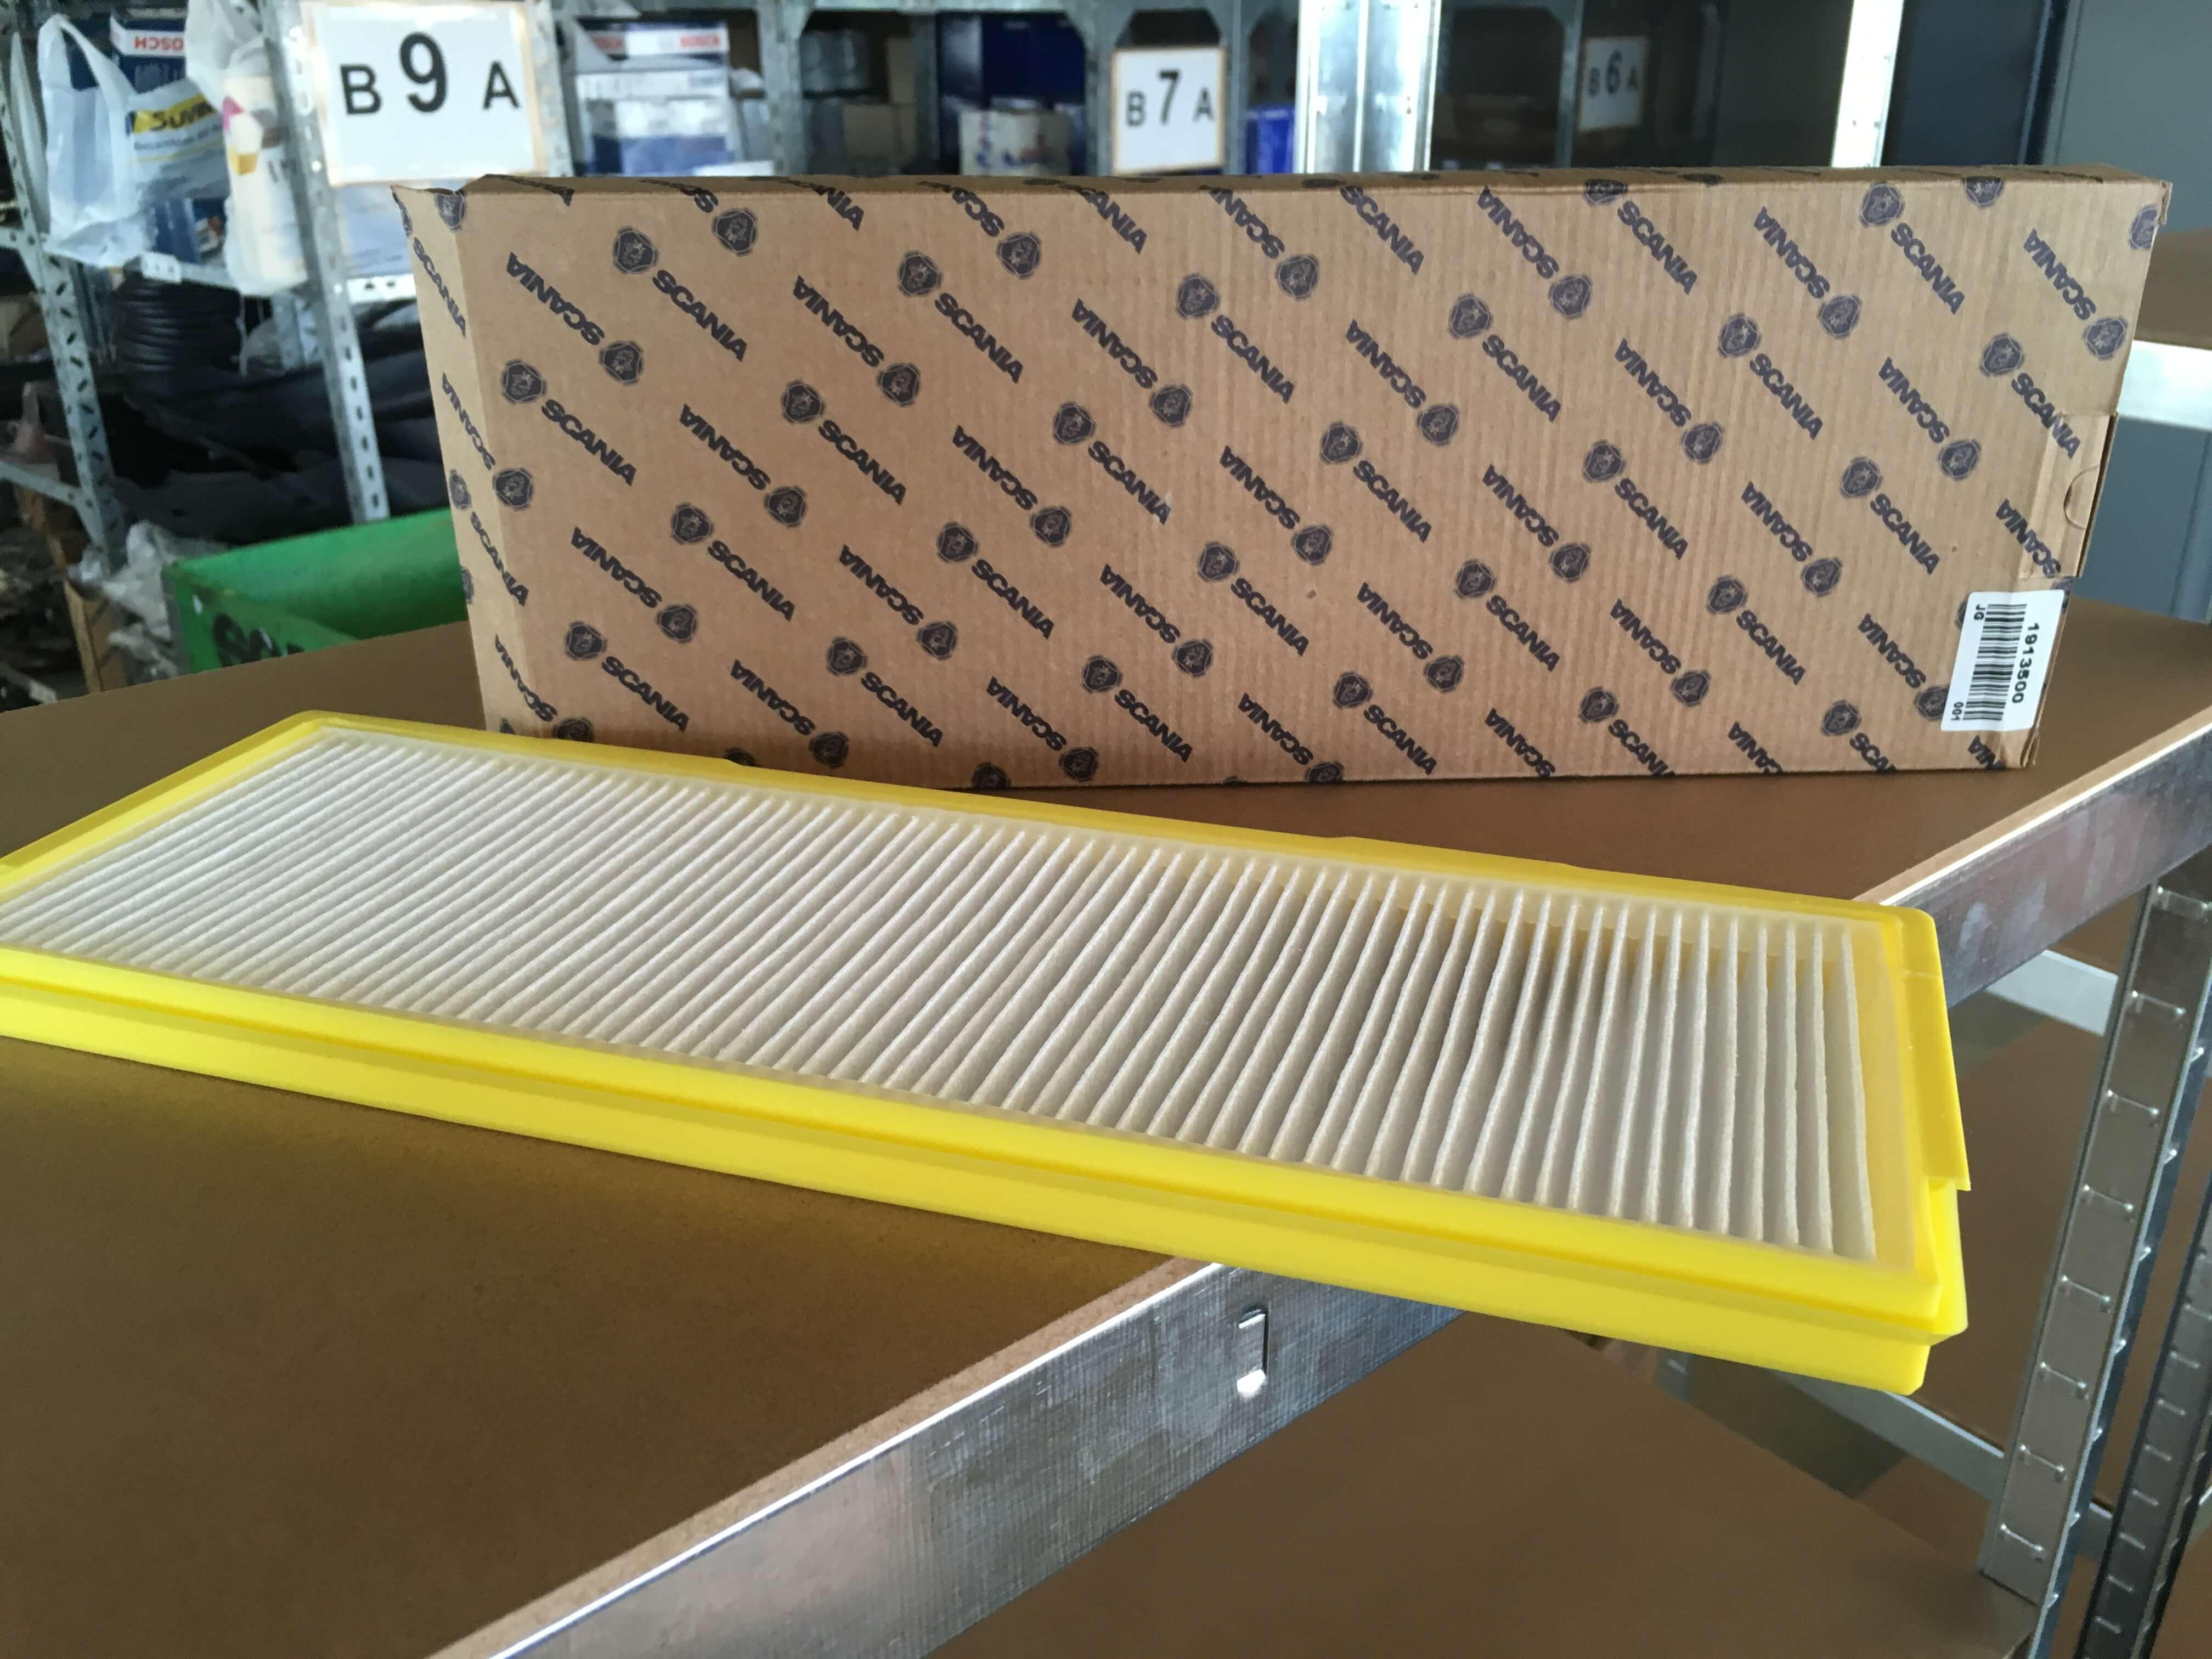 1913500 Filtro de polen SCANIA. Venta de recambios orginales para camión en SCAORTIZ - Filtro de polen SCANIA. Referencia 1913500